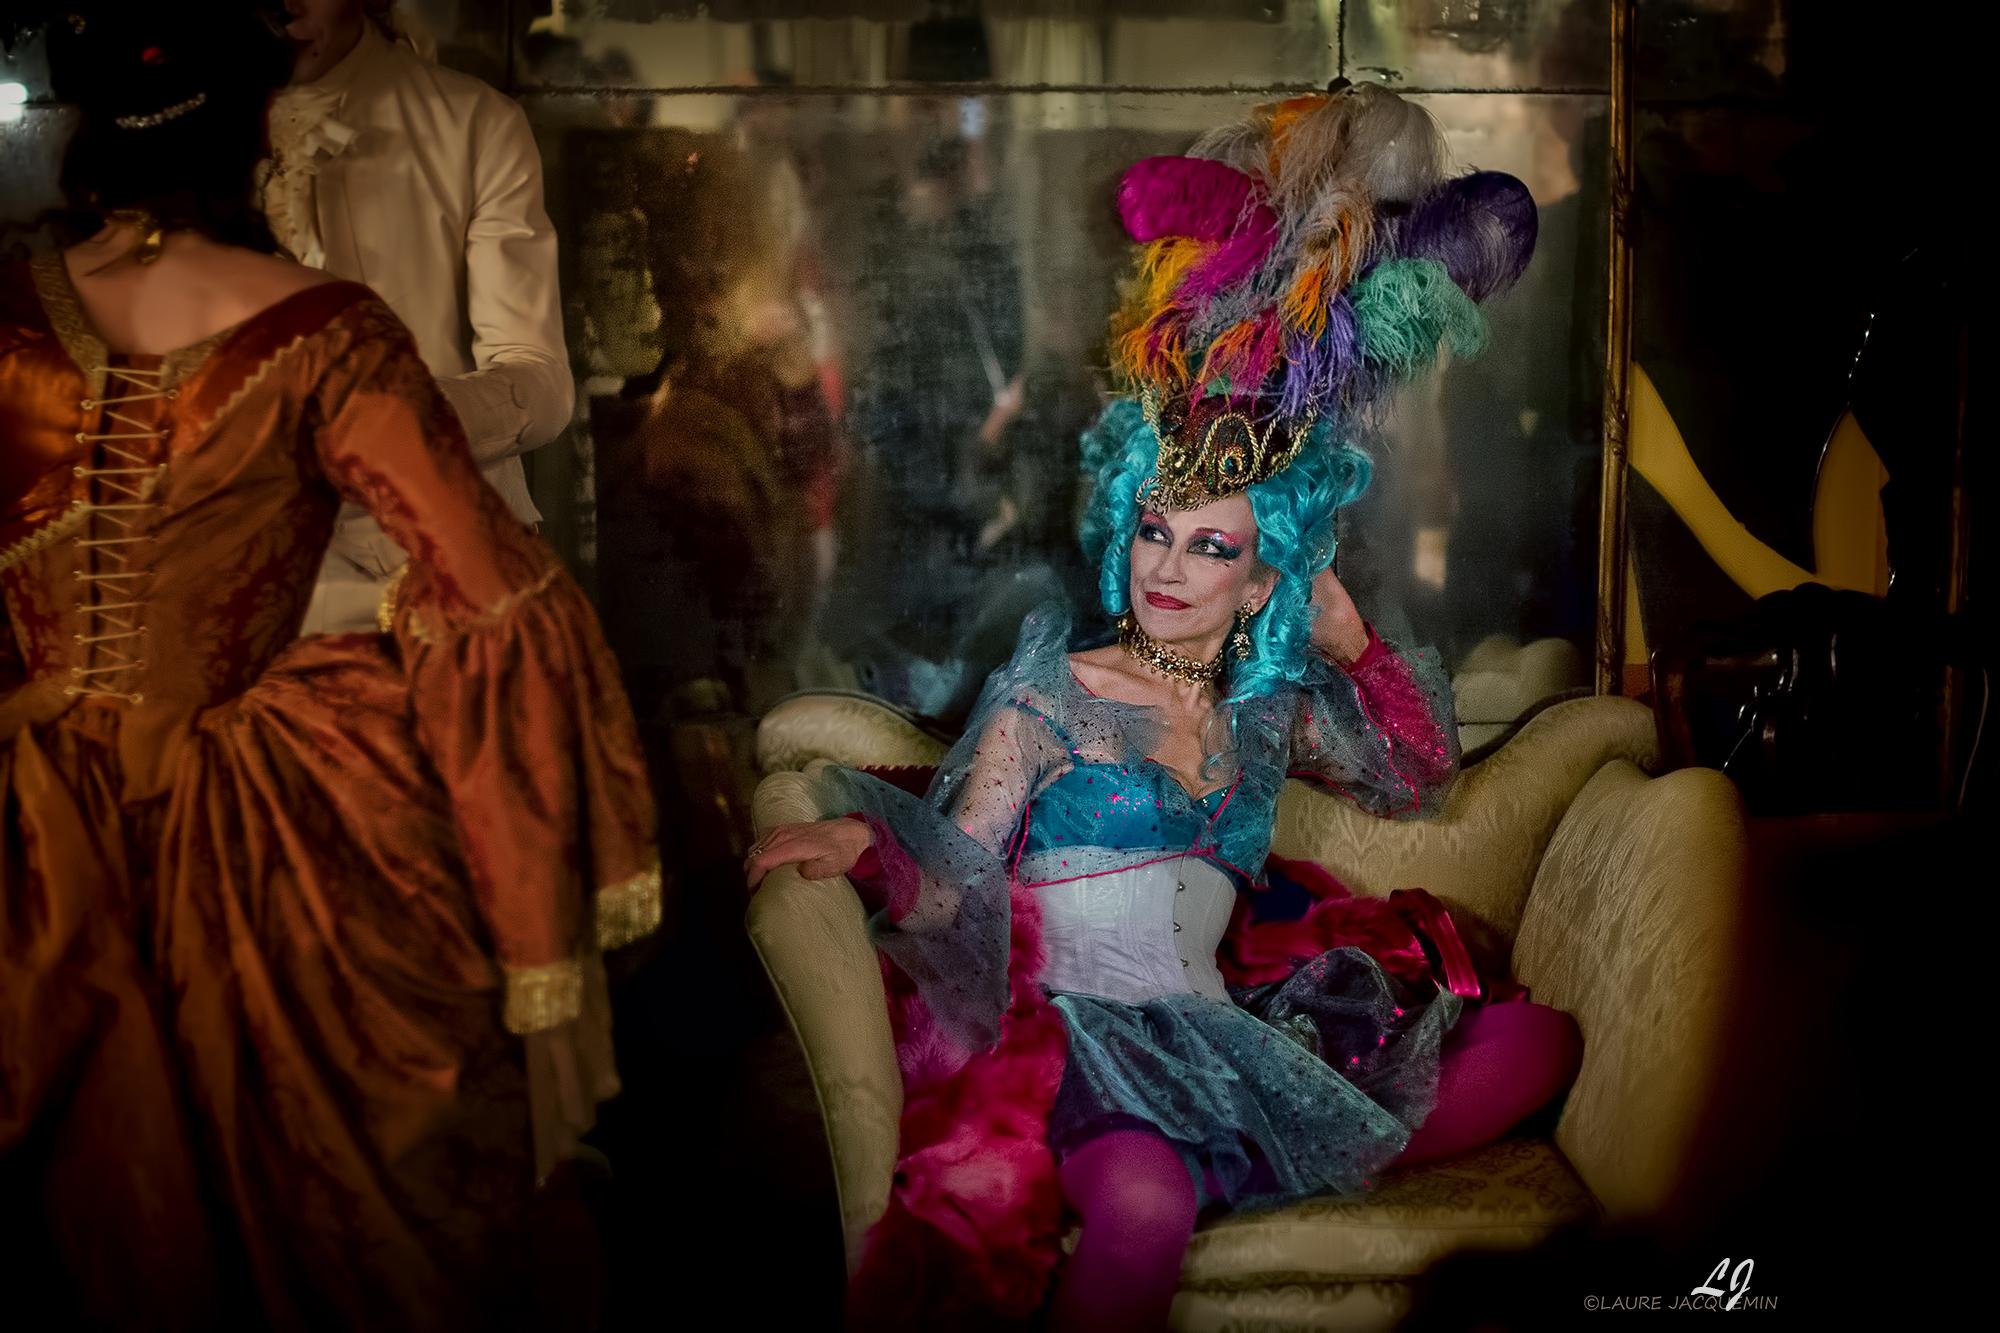 Meilleur photos Carnaval de Venise 2018 laure jacquemin (19)